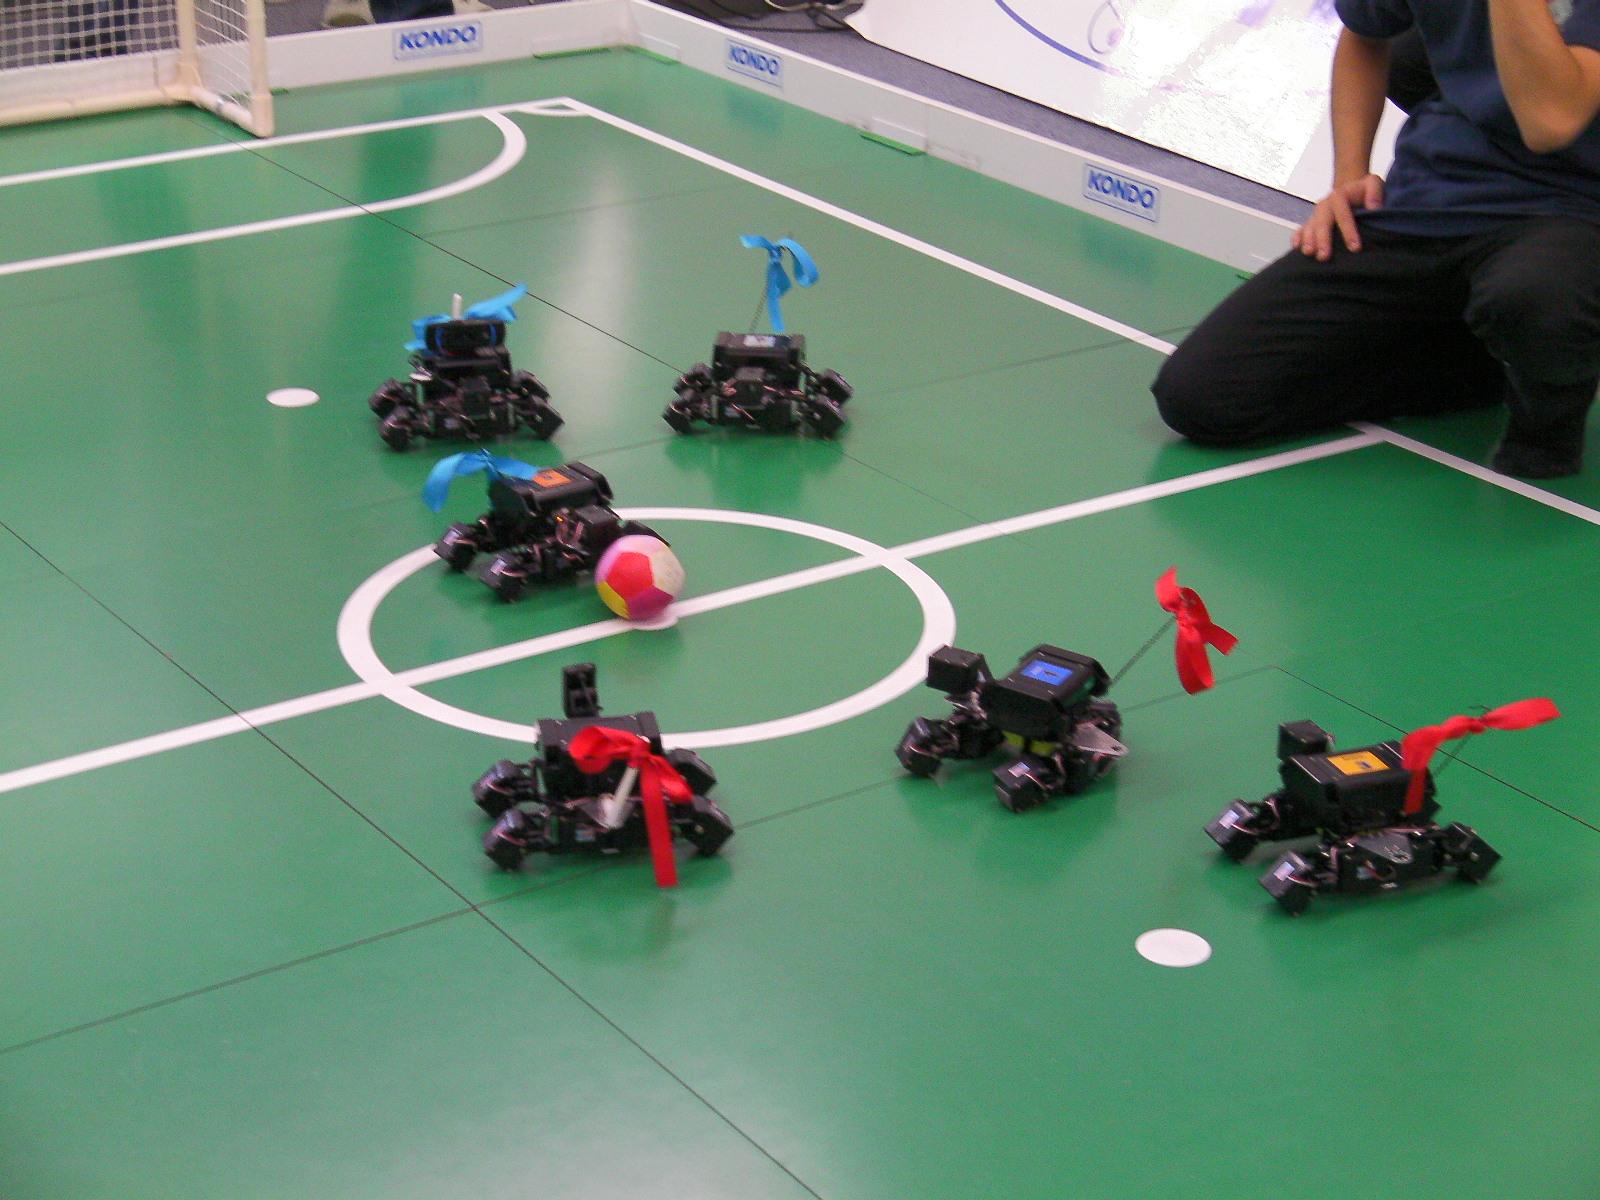 Eğlence amaçlı hobi robotları